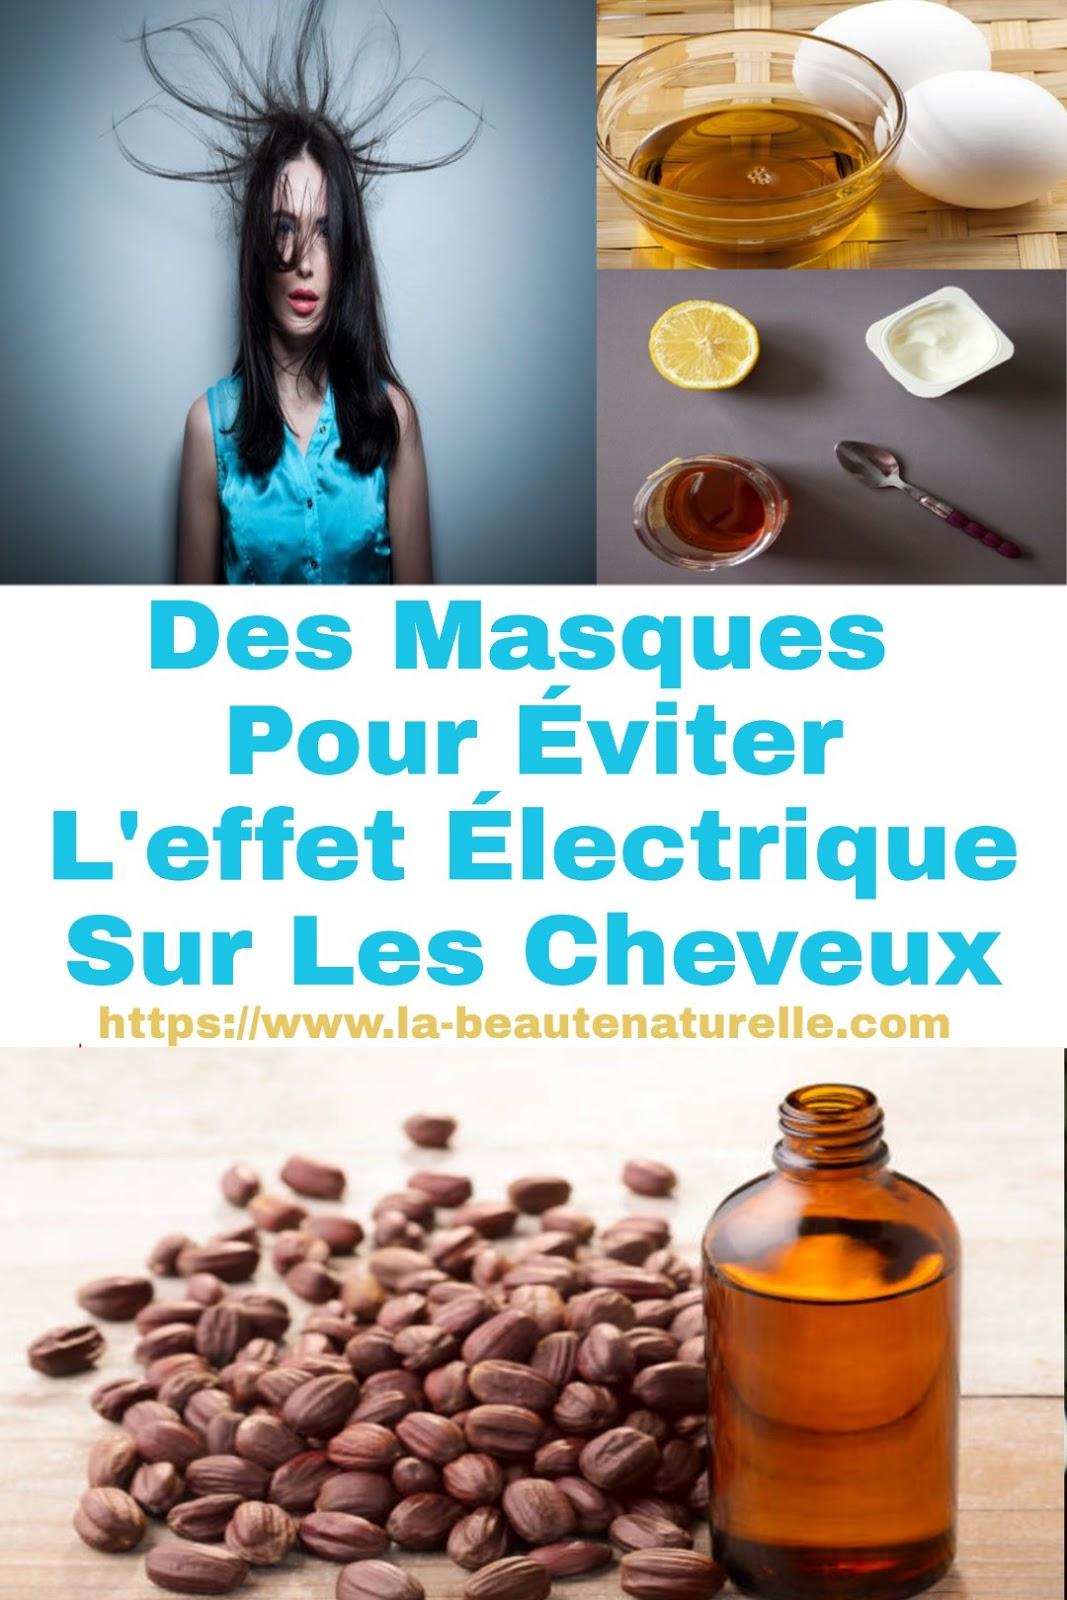 Des Masques Pour Éviter L'effet Électrique Sur Les Cheveux